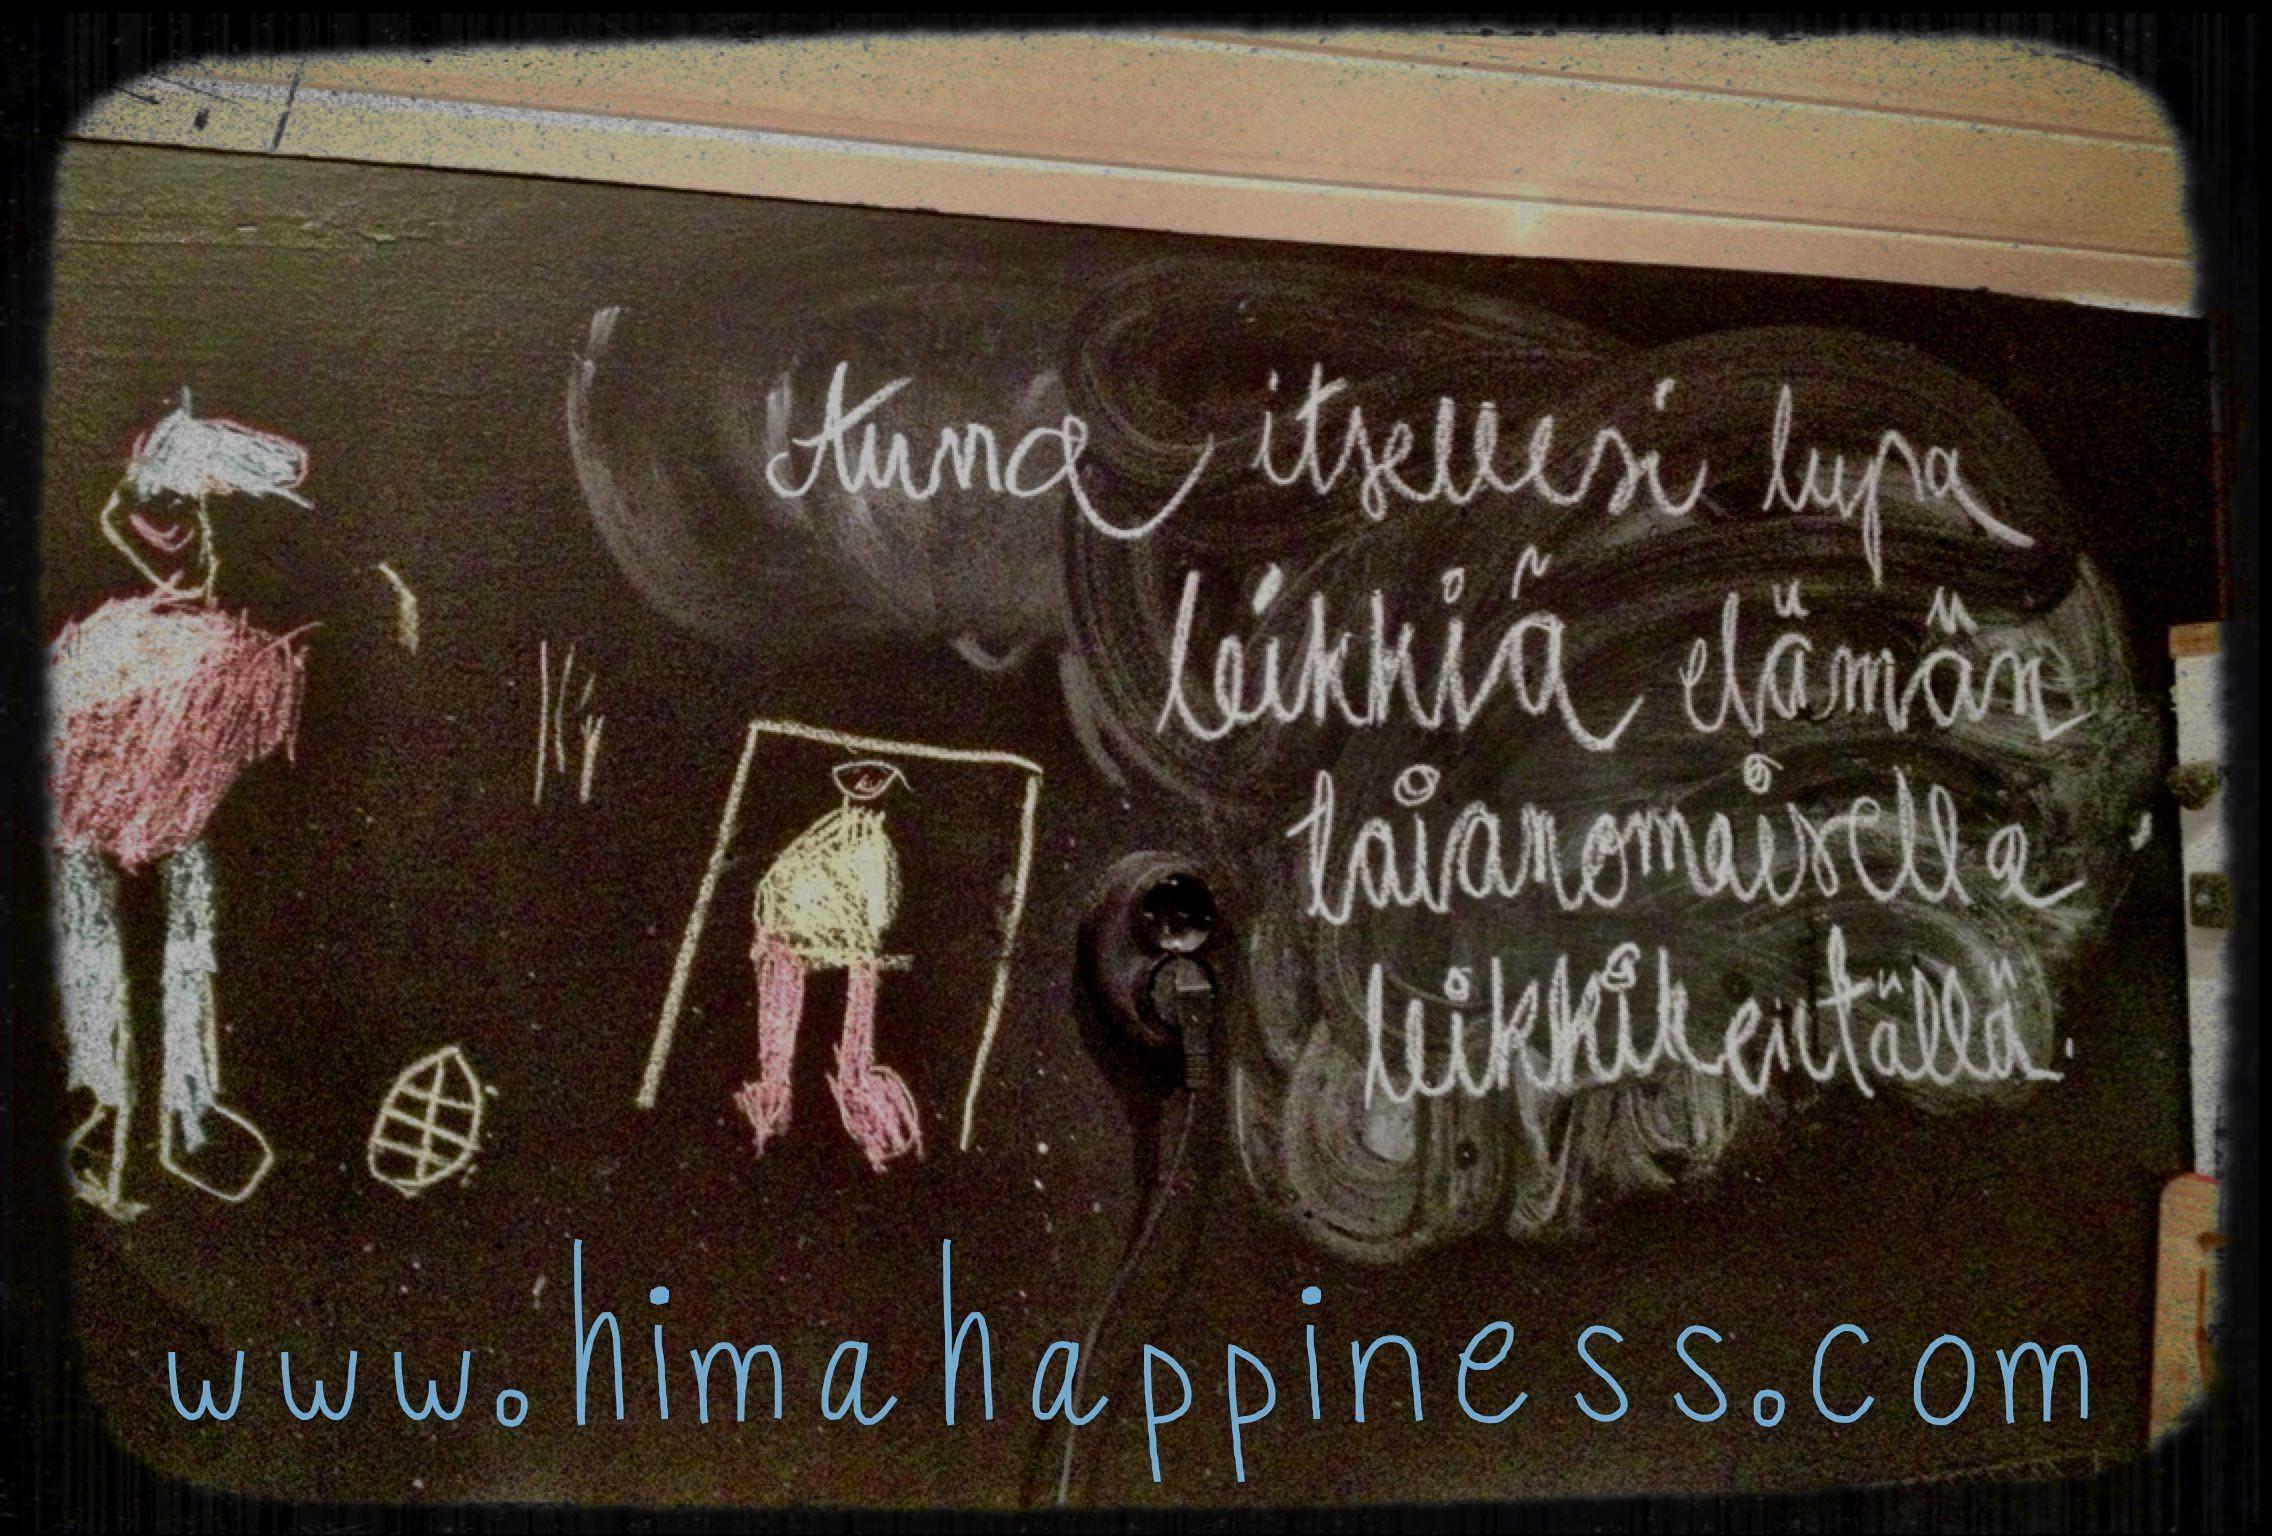 Anna itsellesi lupa leikkiä elämän taianomaisella leikkikentällä. Laura Janger-Laitio  www.himahappiness.com